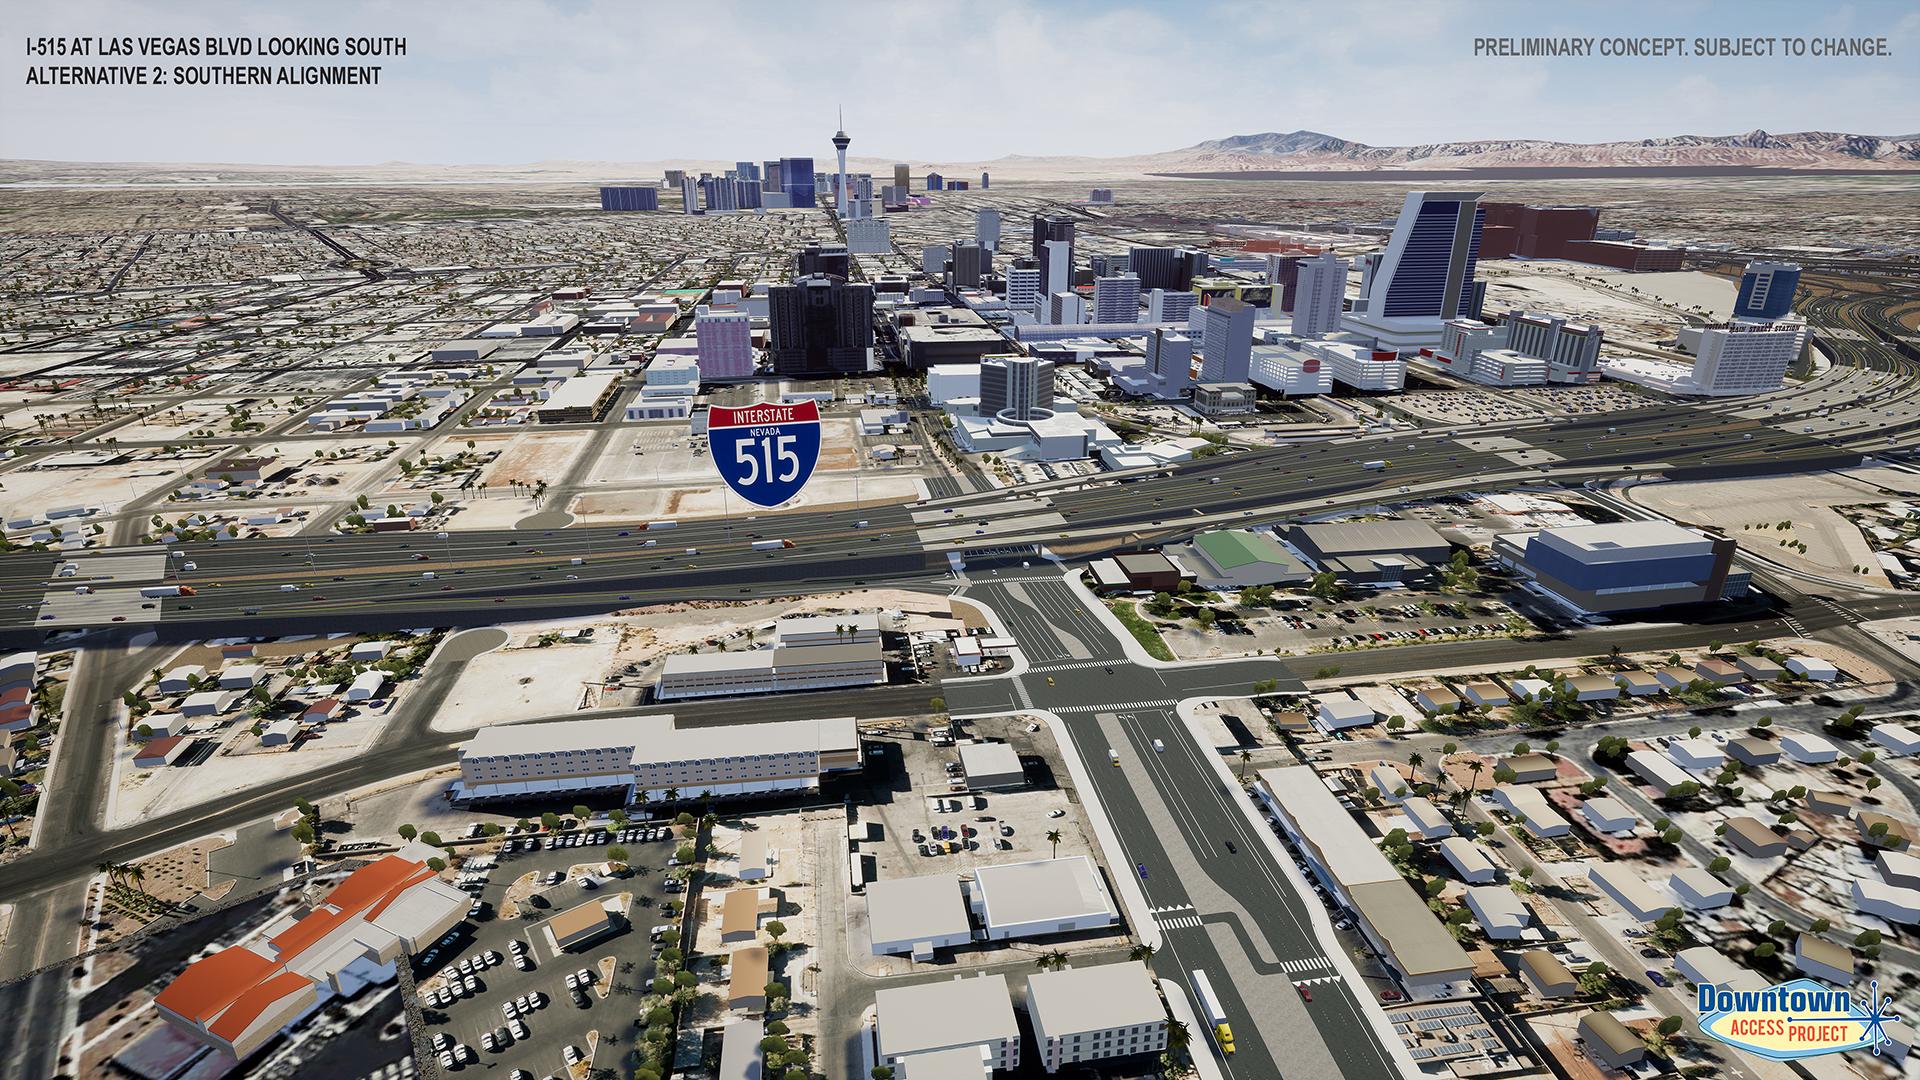 I-515 near las vegas blvd alternative 2 rendering